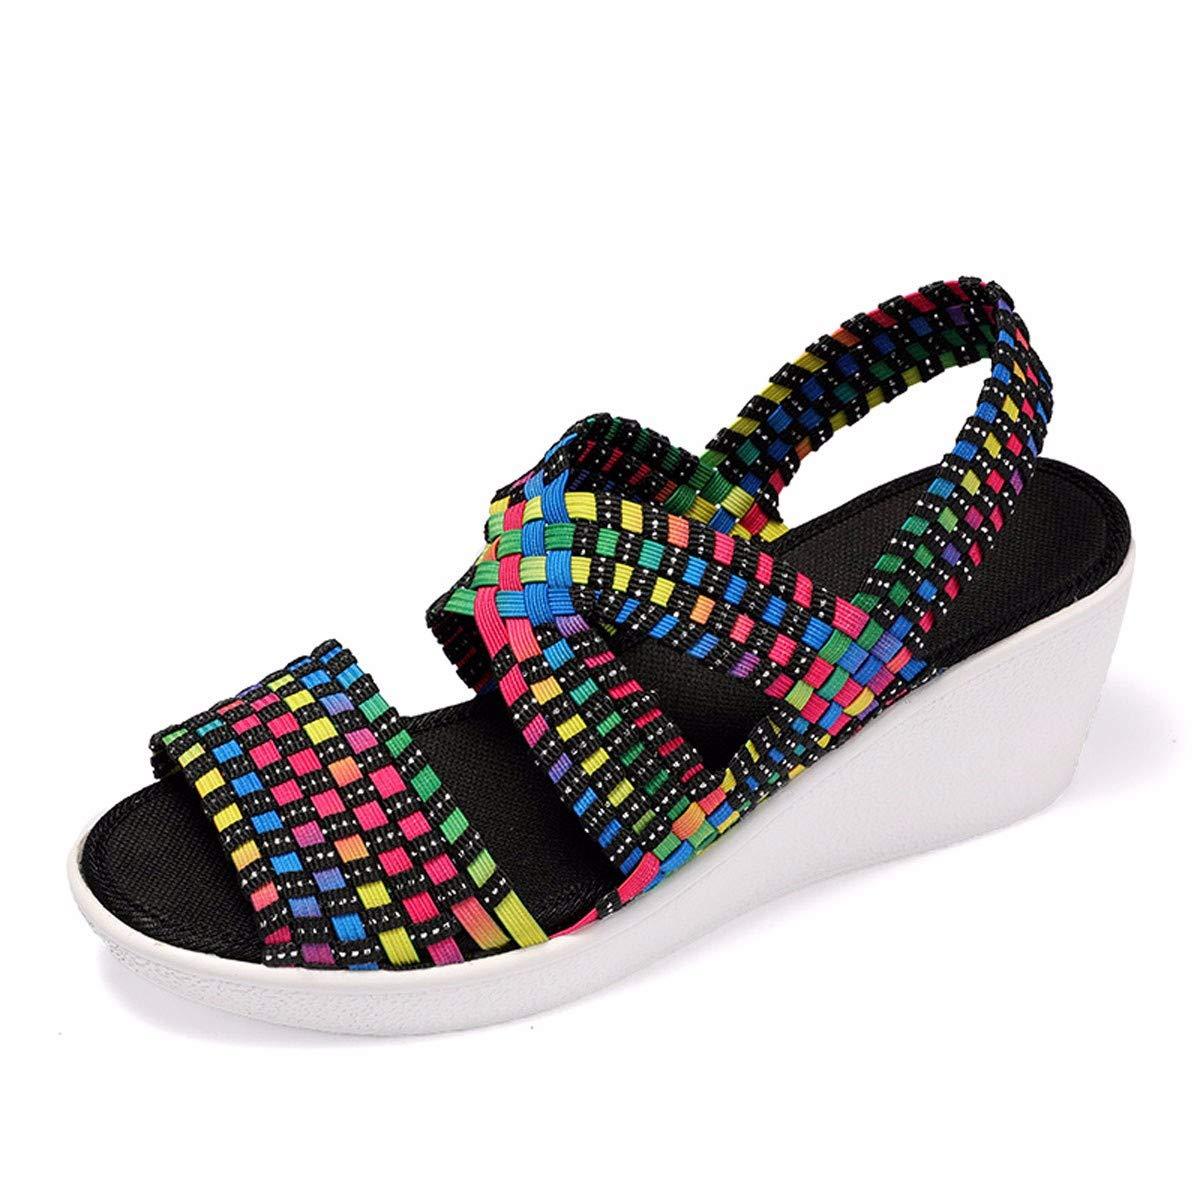 KPHY Damenschuhe Studenten Haben Höhere Sandalen Dicken Hintern Schrägen Damenschuhe Muffin-Schuhe Fisch Münder und High Heels.36 Farbe